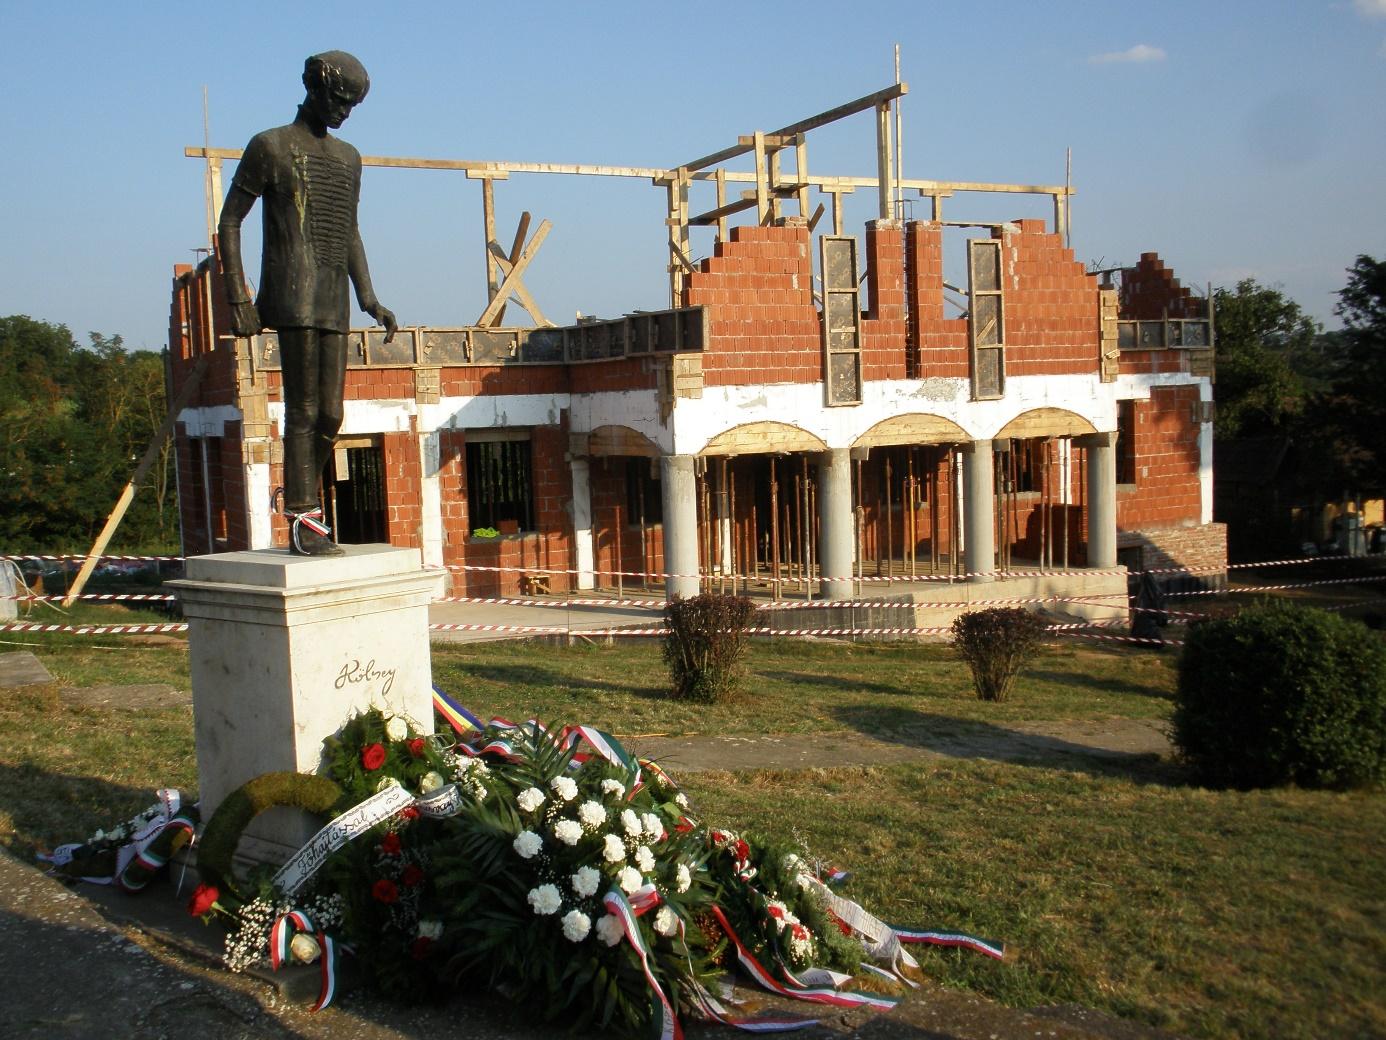 Koszorúk Kölcsey szobránál, háttérben az épülő Kölcsey Emlékház